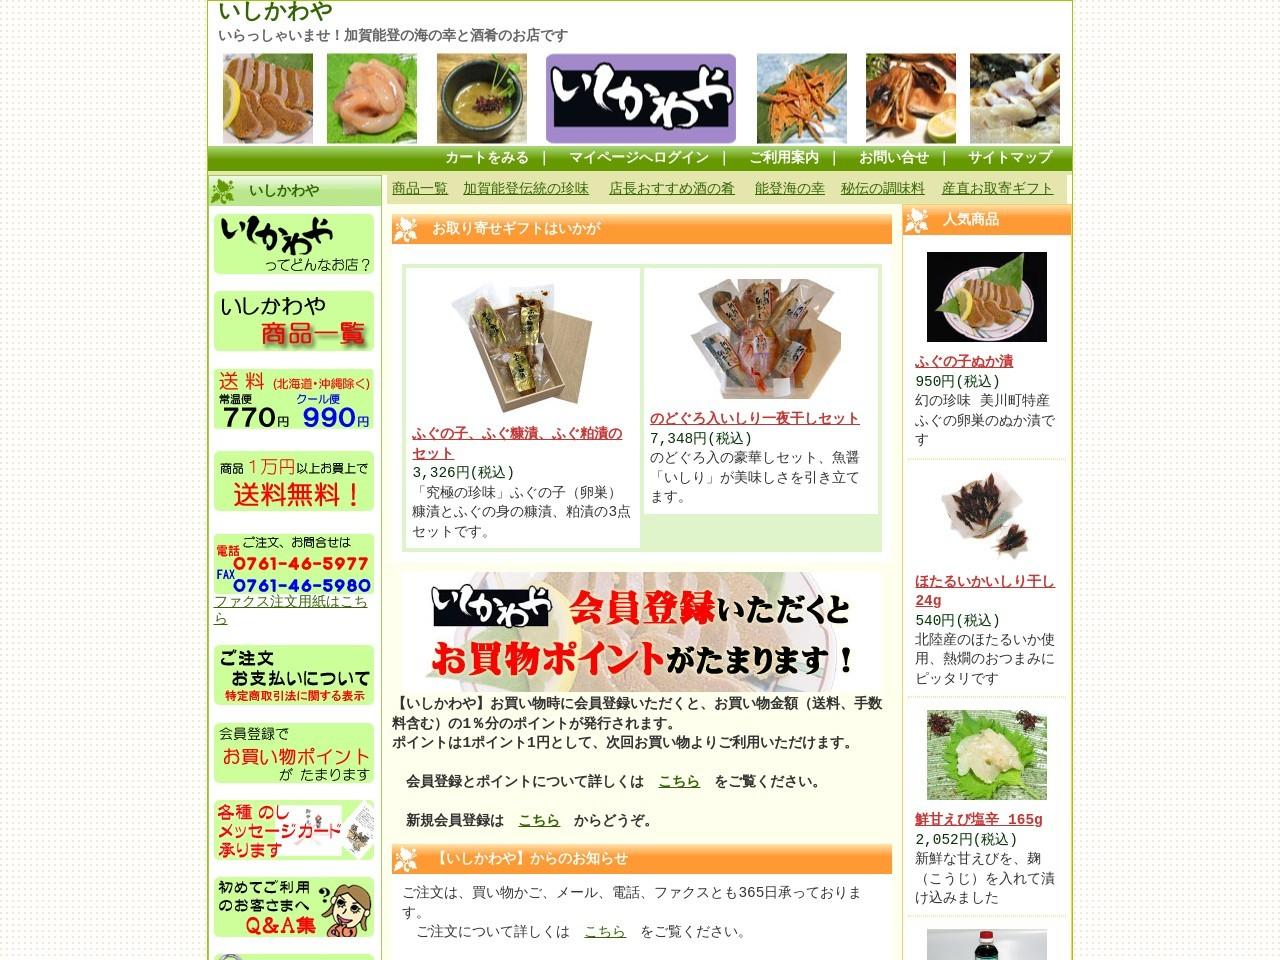 いらっしゃいませ!【いしかわや】は加賀能登の海の幸と酒肴のお店です